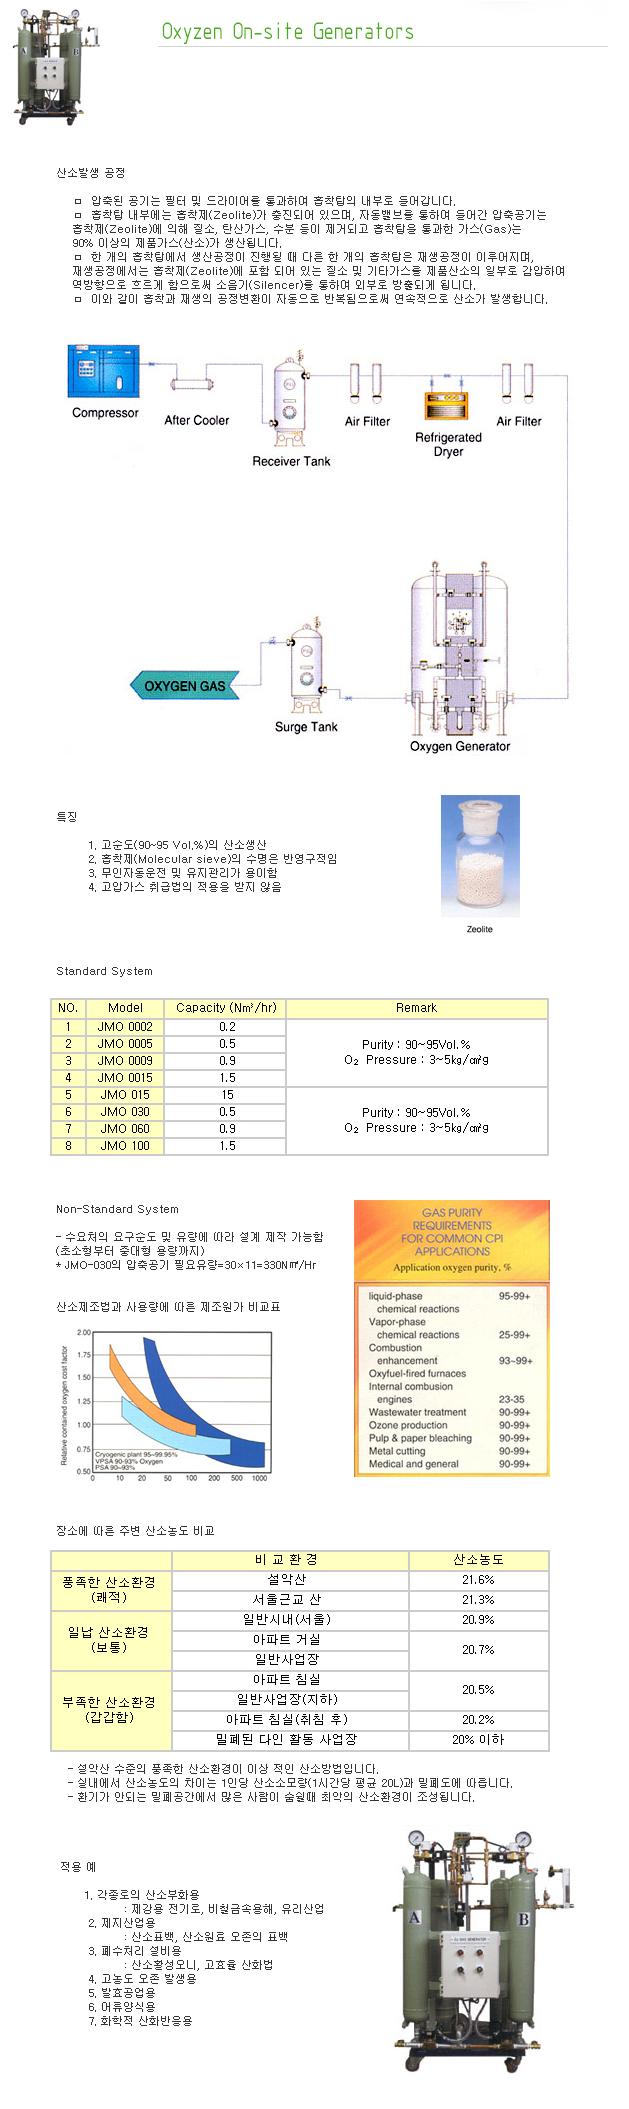 지에이텍(주) Oxyzen On-Site Generators JMO-Series